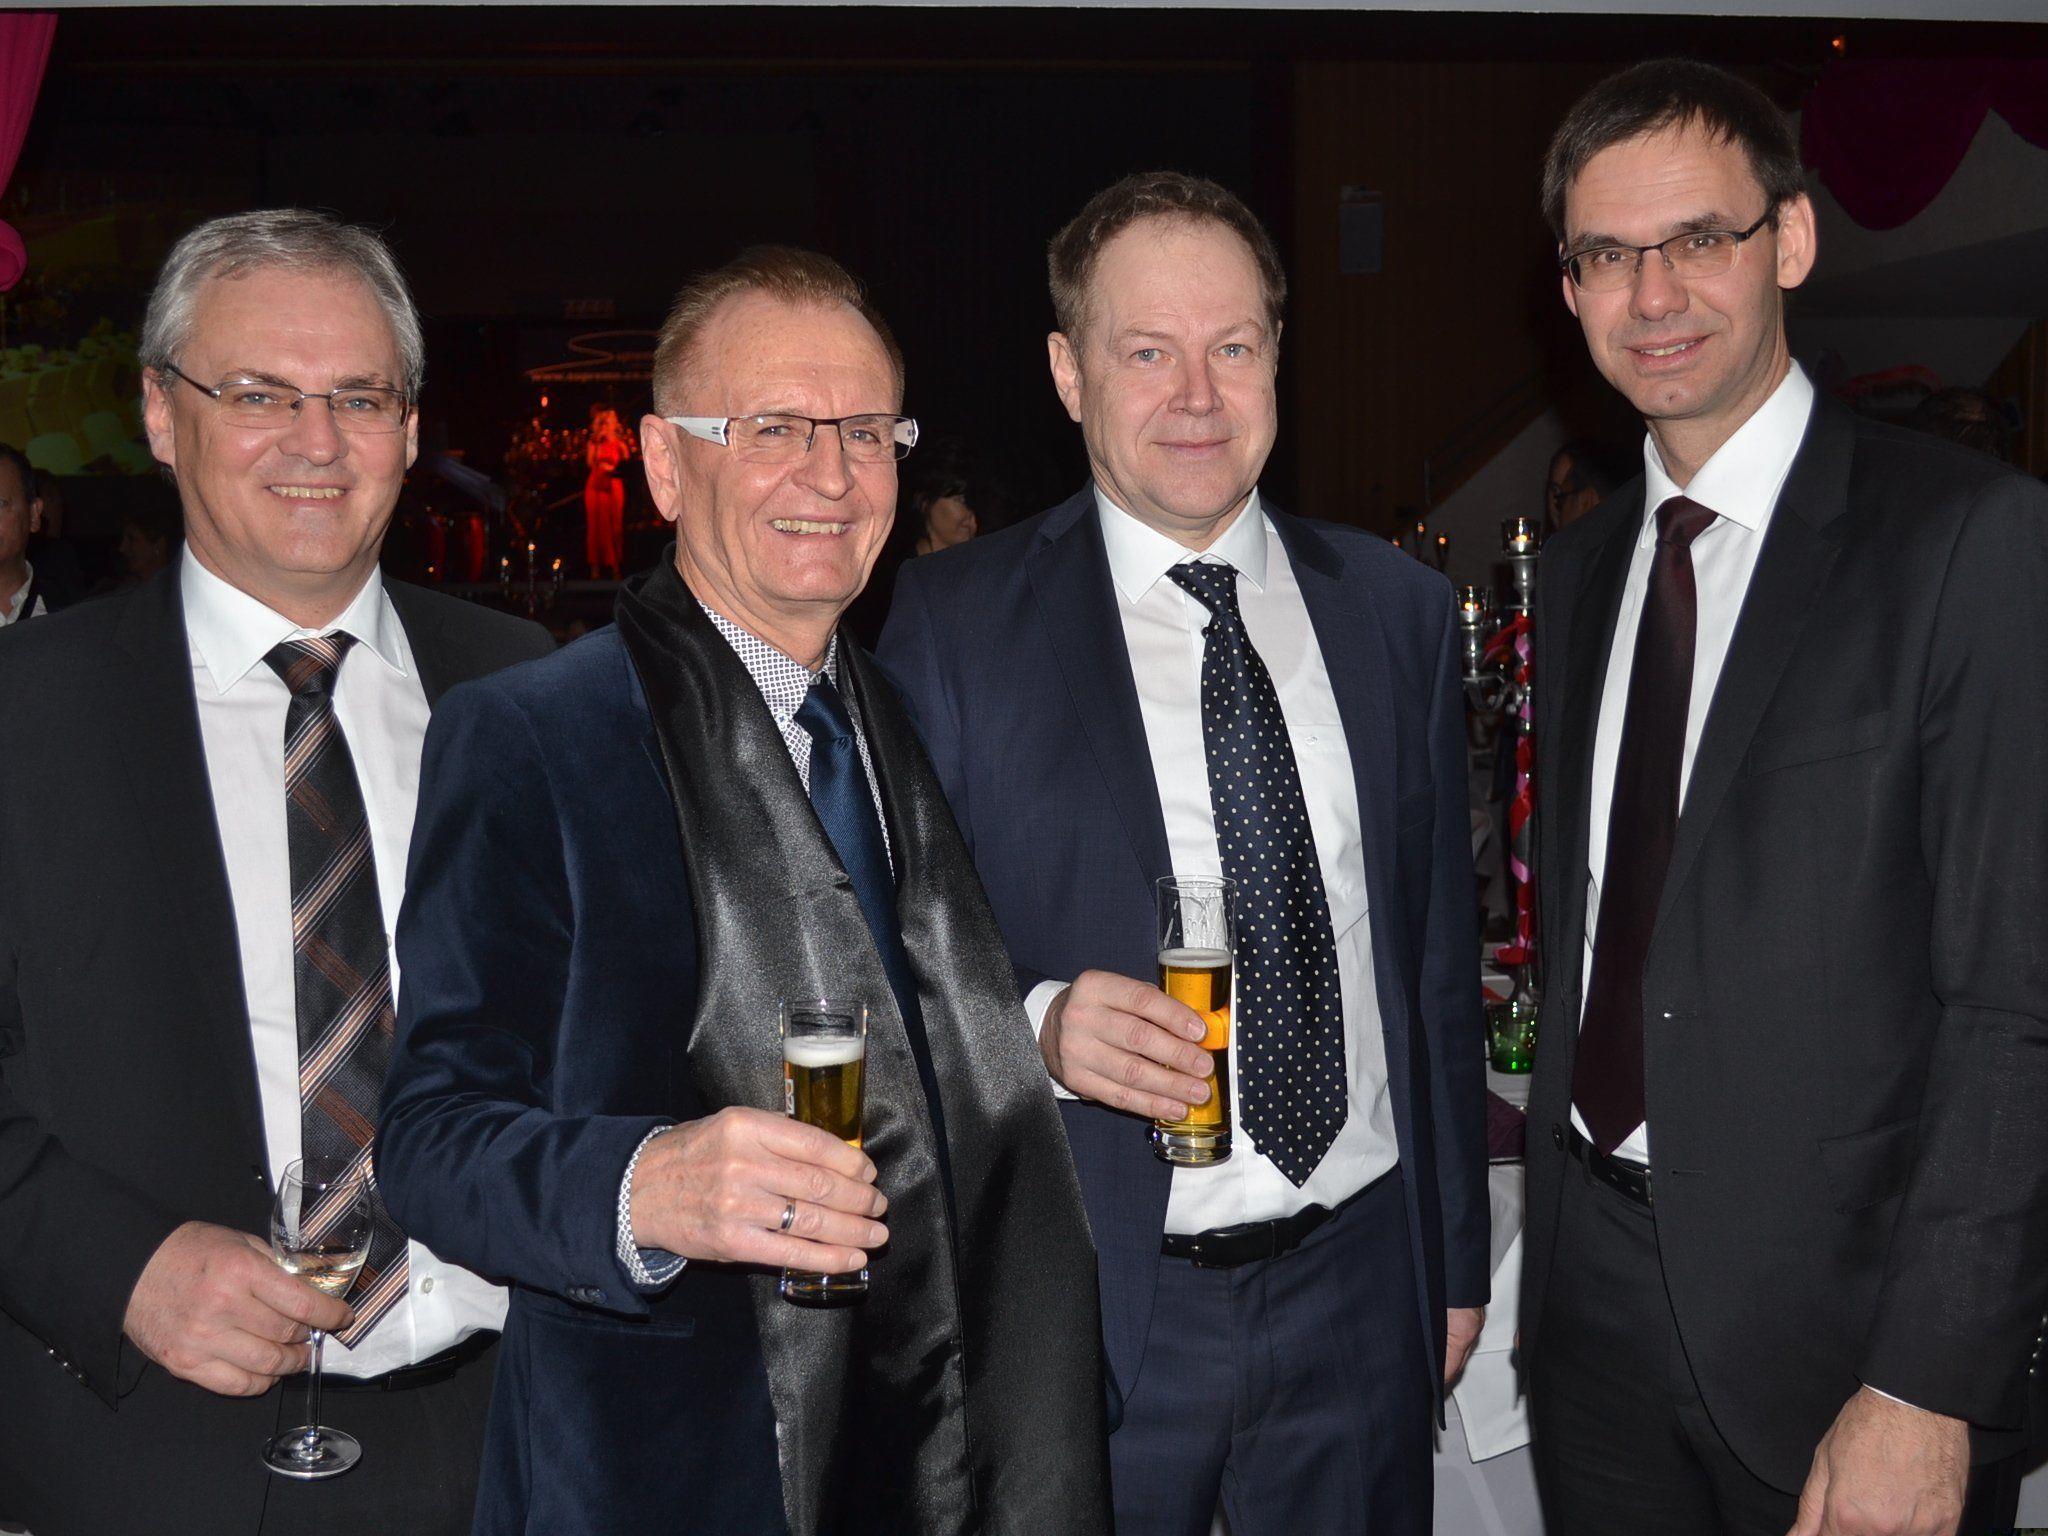 Auf einen schönen Abend: Landtagspräsident Harald Sonderegger, Hans-Peter Feuerstein, Egon Kasseroler sowie Landeshauptmann Markus Wallner.